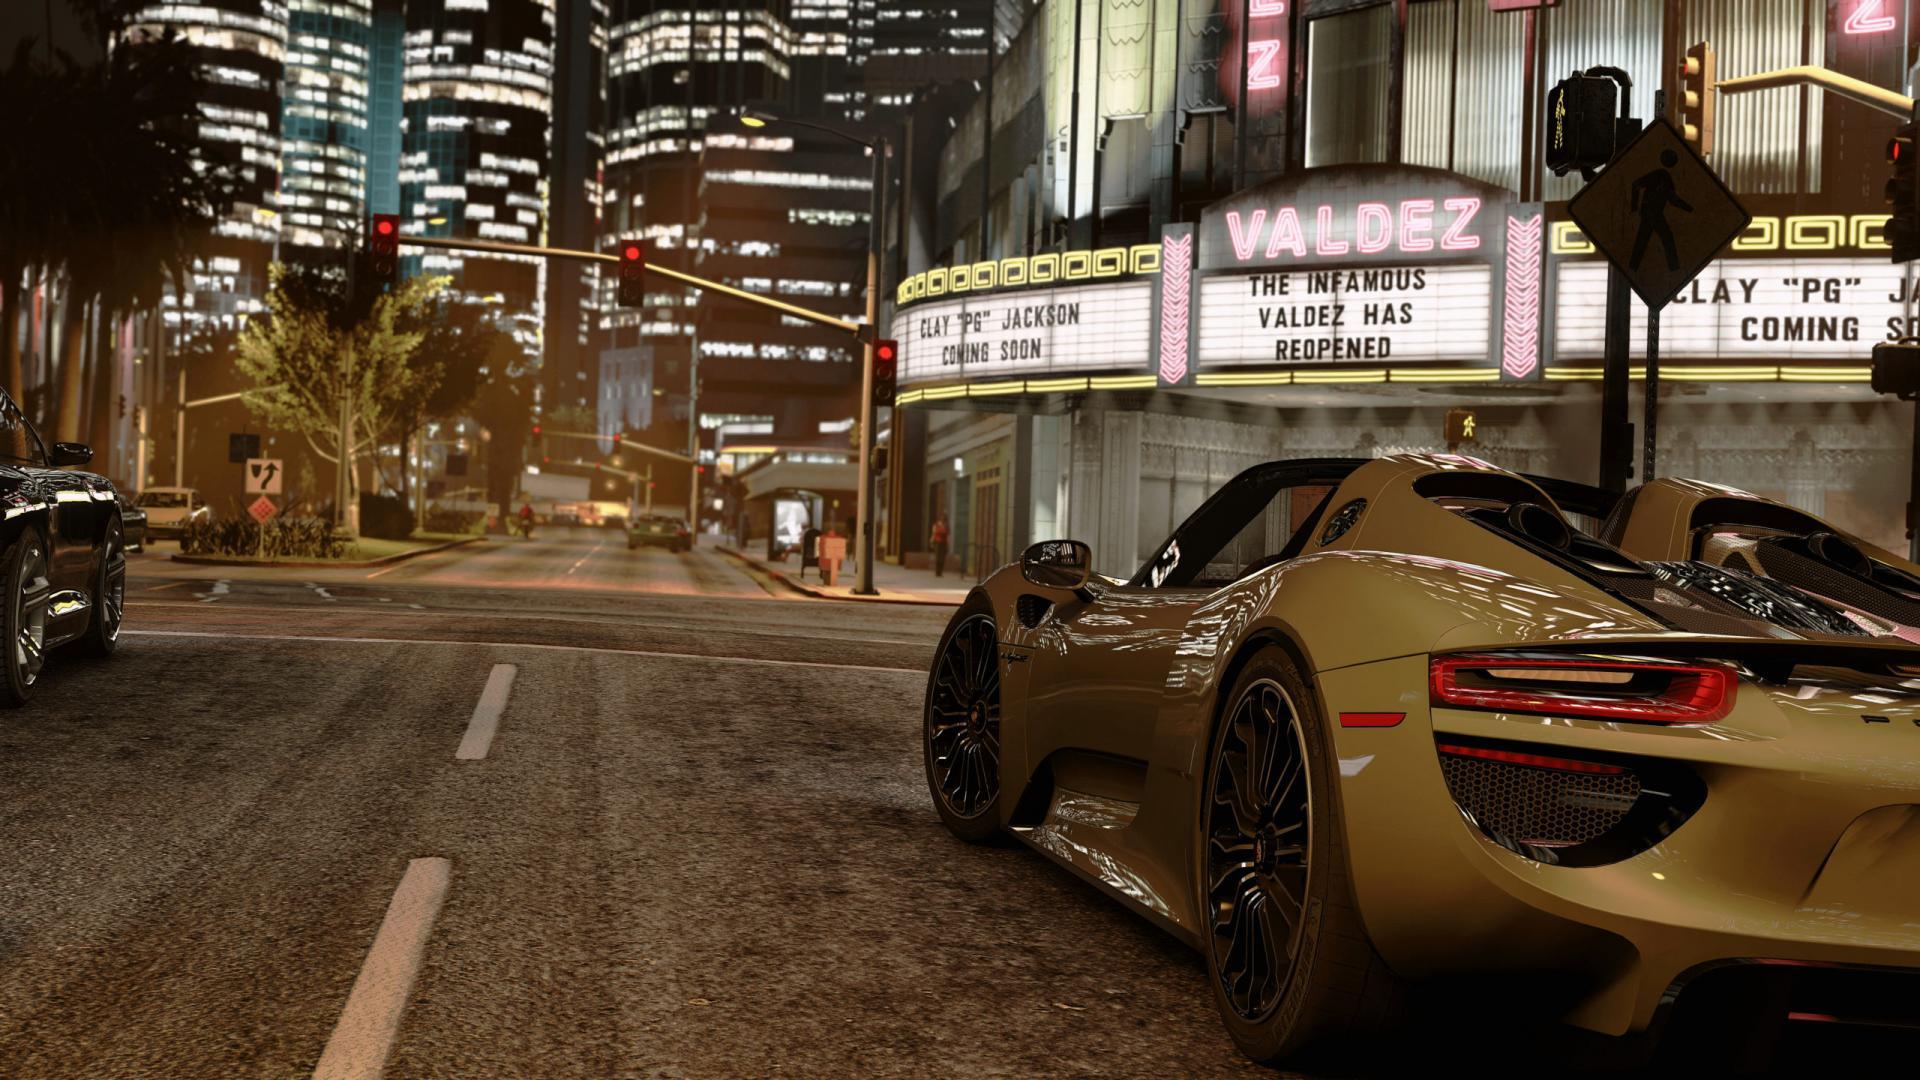 Графику GTA 5 вывели на новый уровень. Игру показали в 4К и с трассировкой лучей